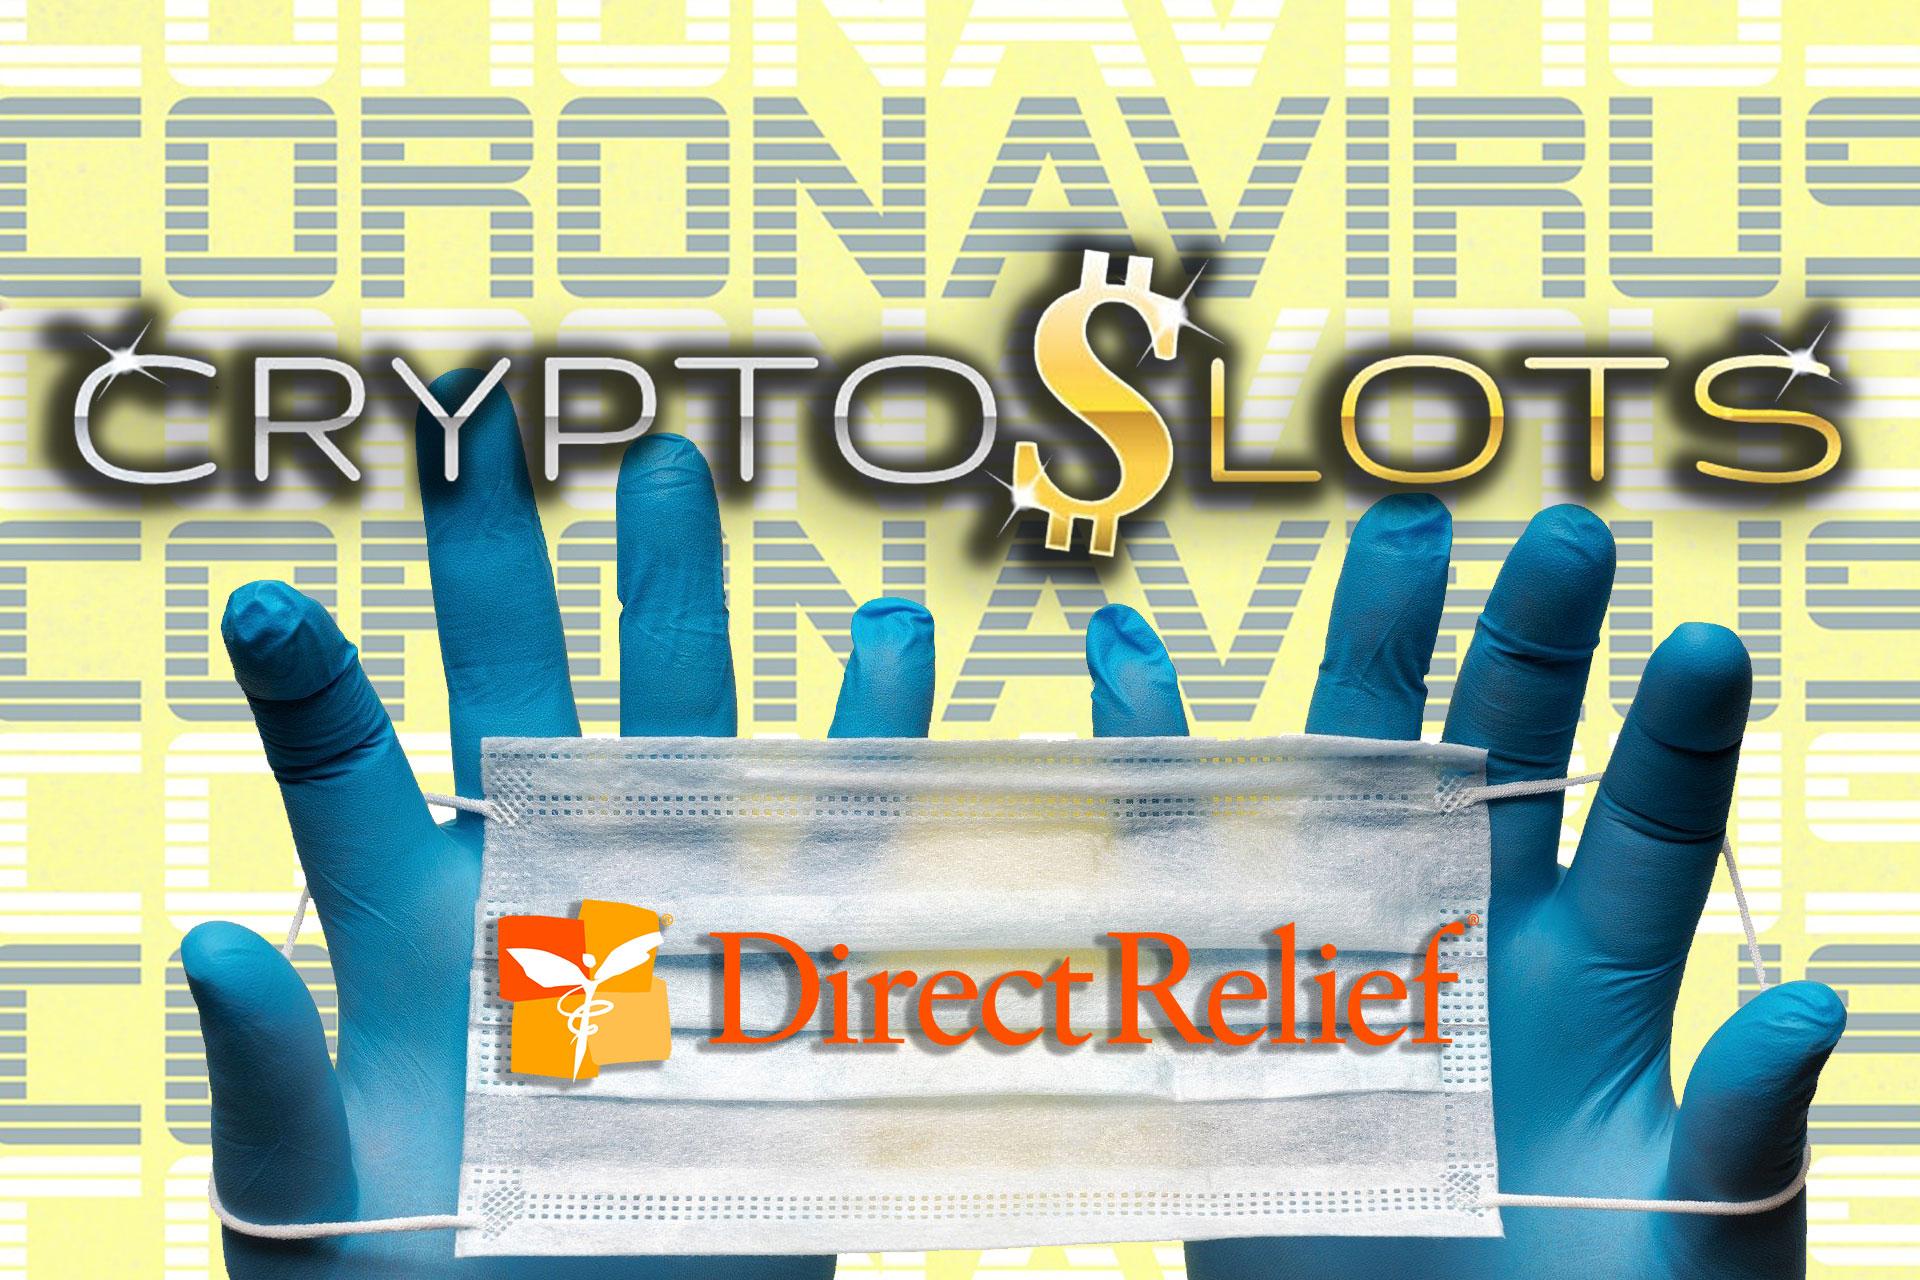 CryptoSlots、リリースした新機種の全収益をコロナと戦う医療従事者を支援する慈善団体に寄付